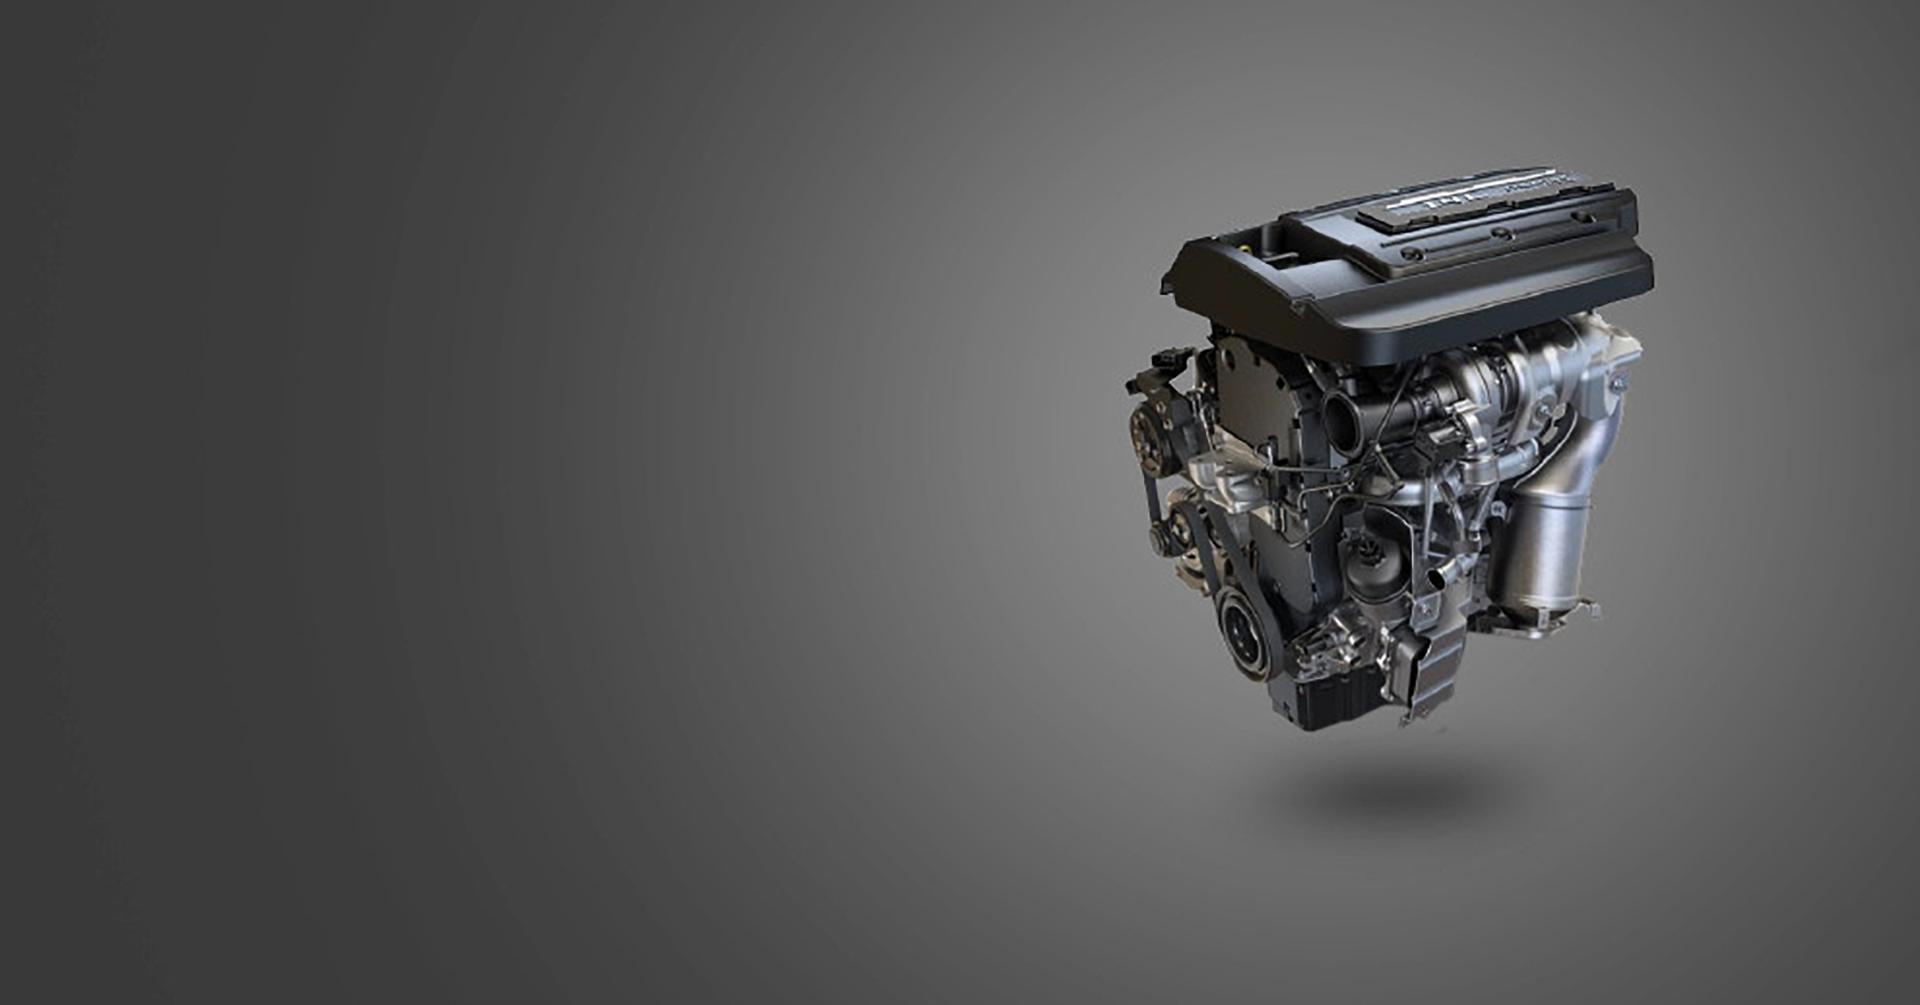 Fiat 124 Spider - 2016 - motore 1.4 Turbo MultiAir